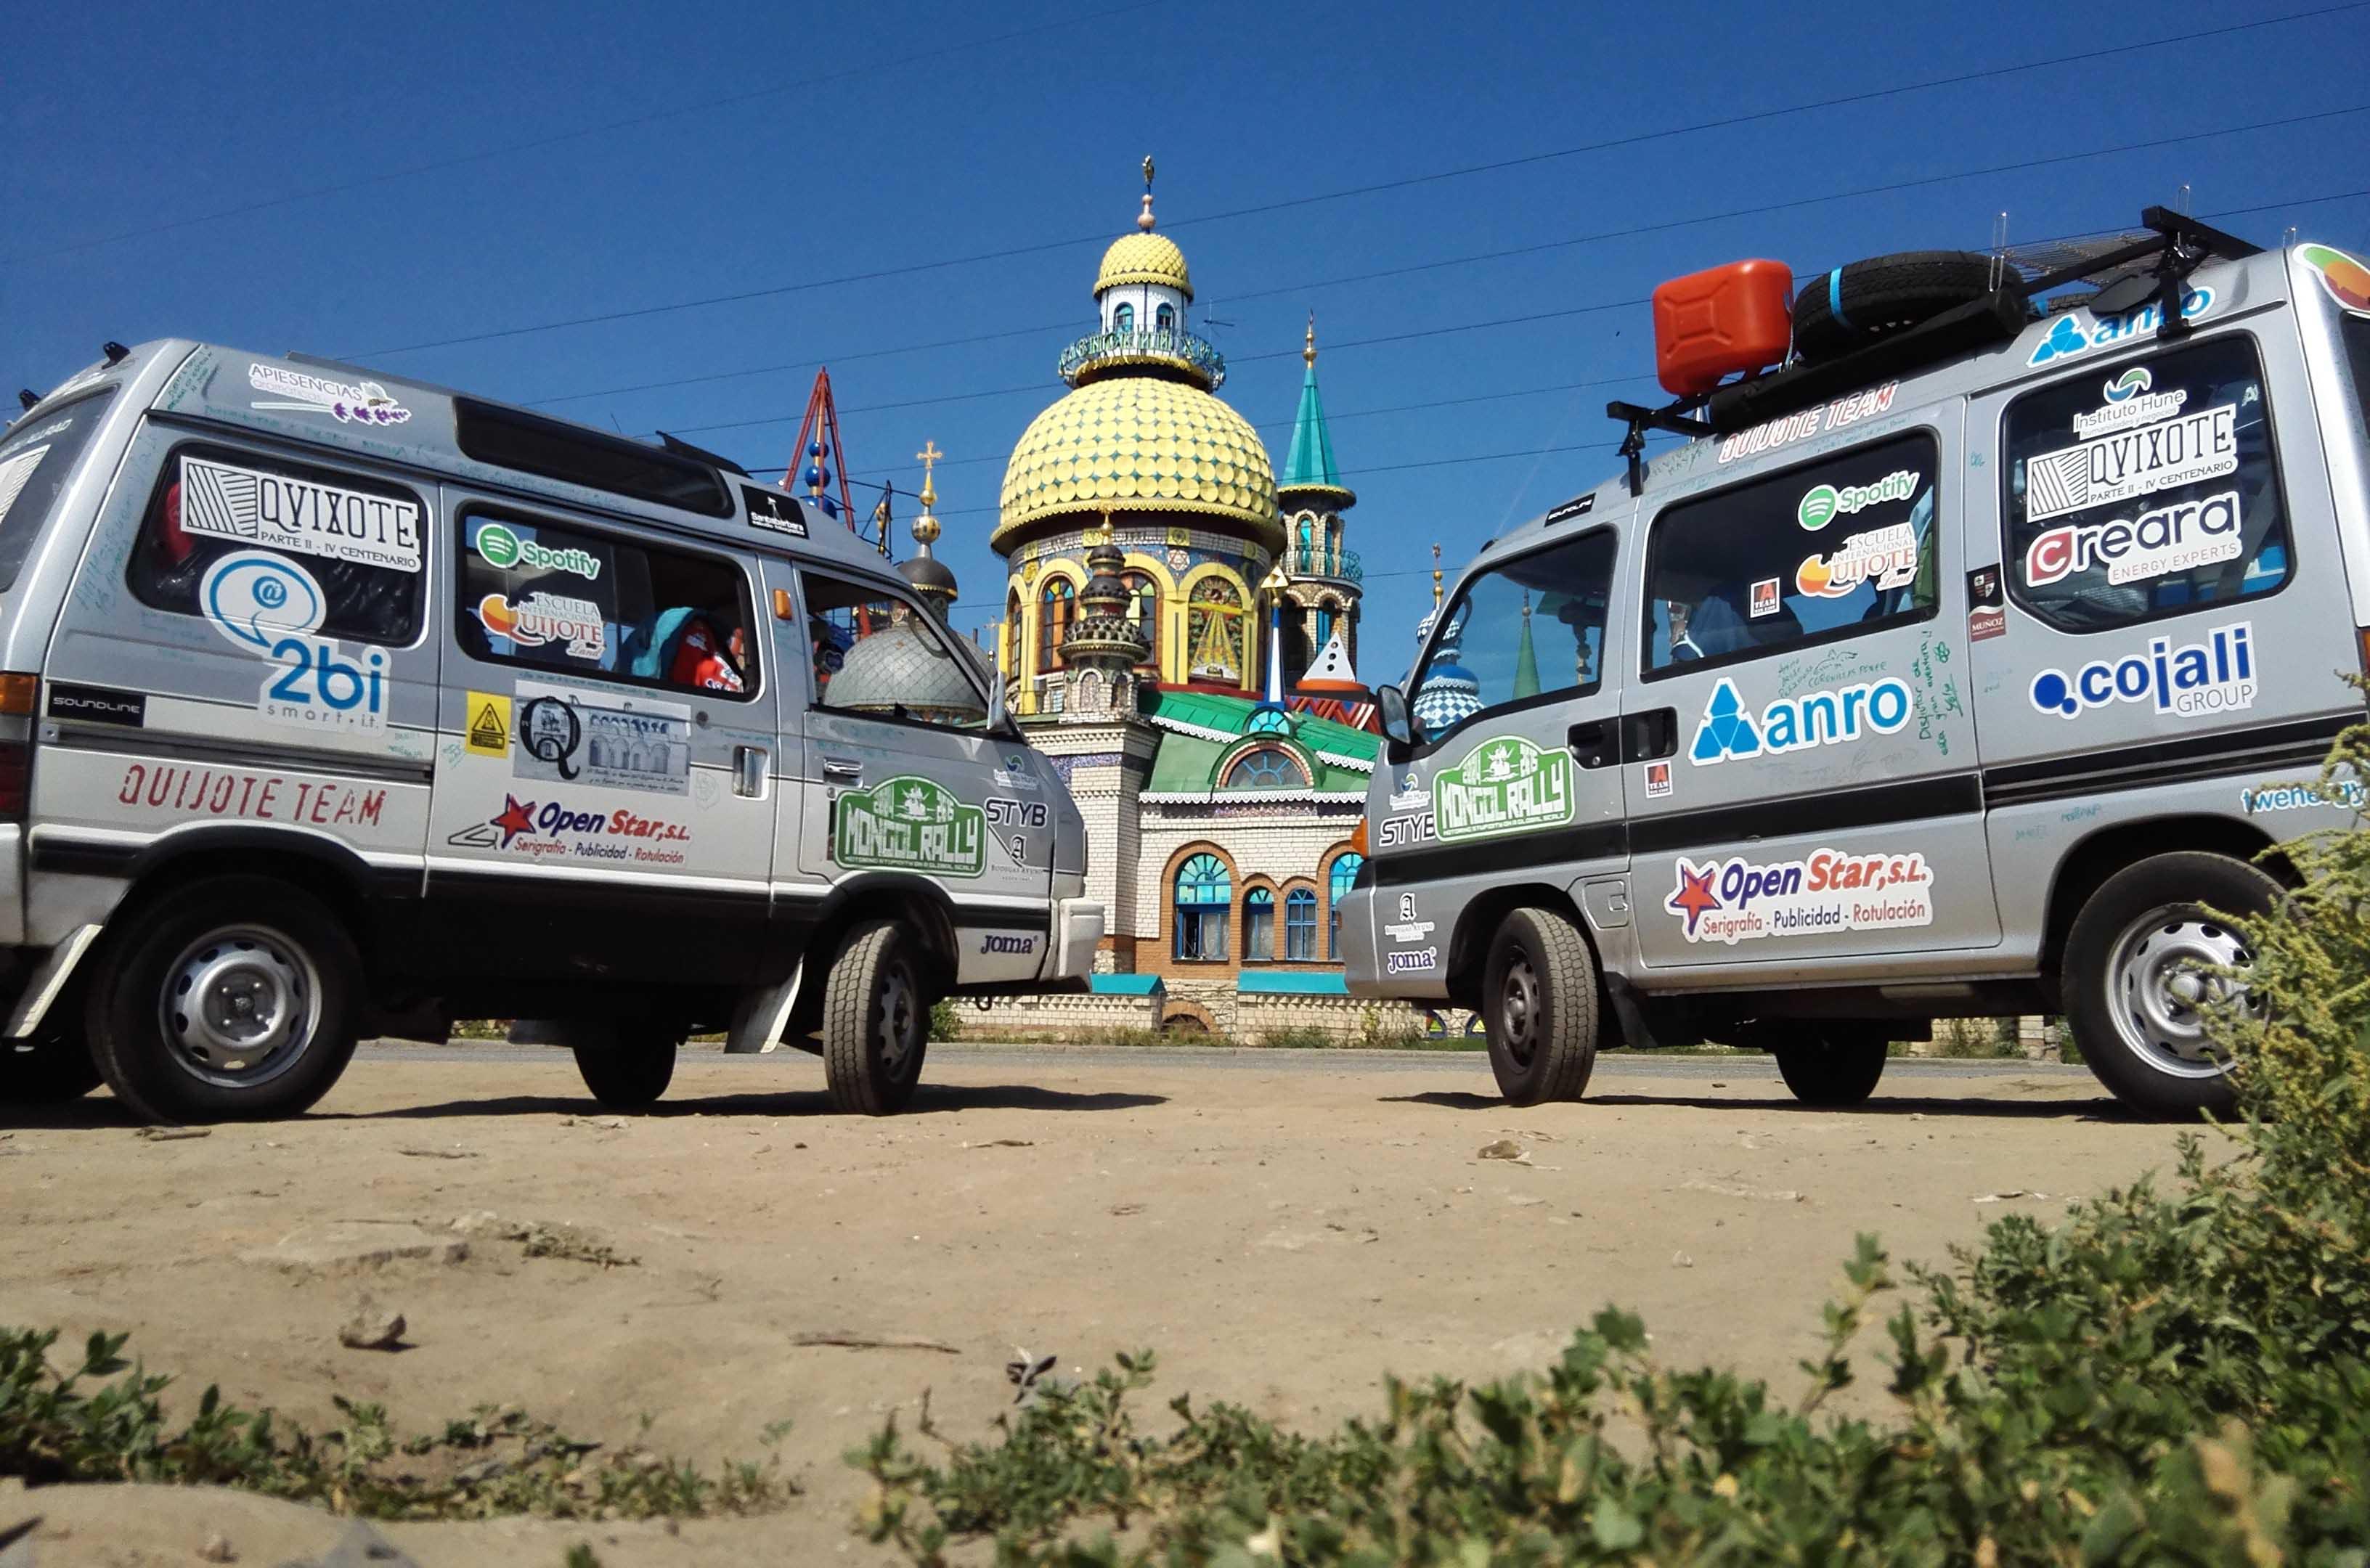 Quijote Team en el Templo de todas las religiones, en Kazan